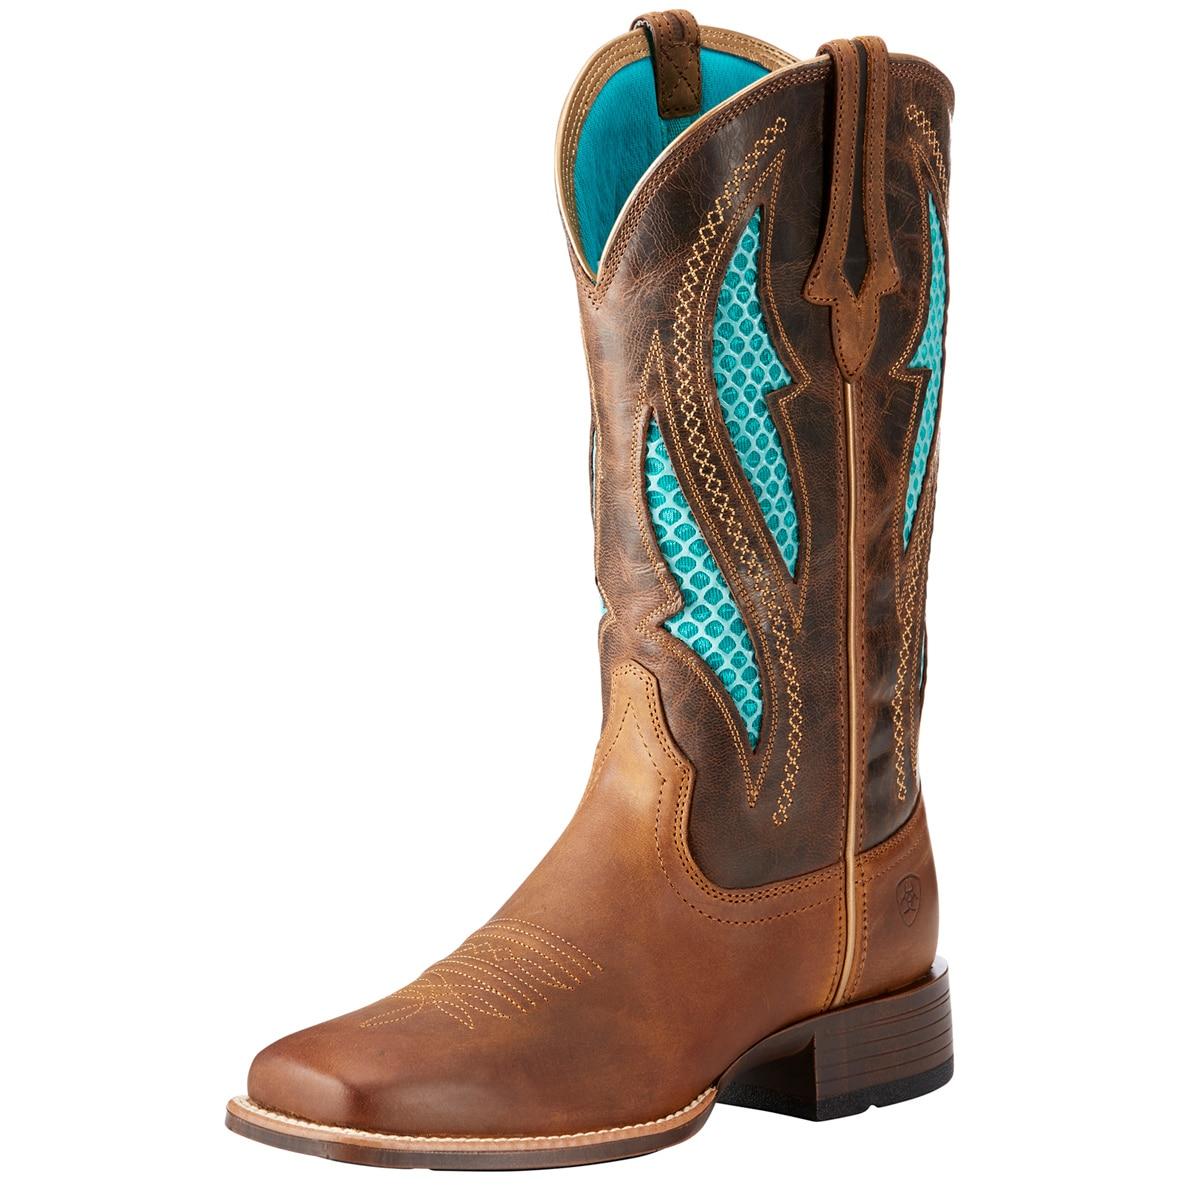 d9485b10797 Ariat Women's VentTEK Ultra Western Boots